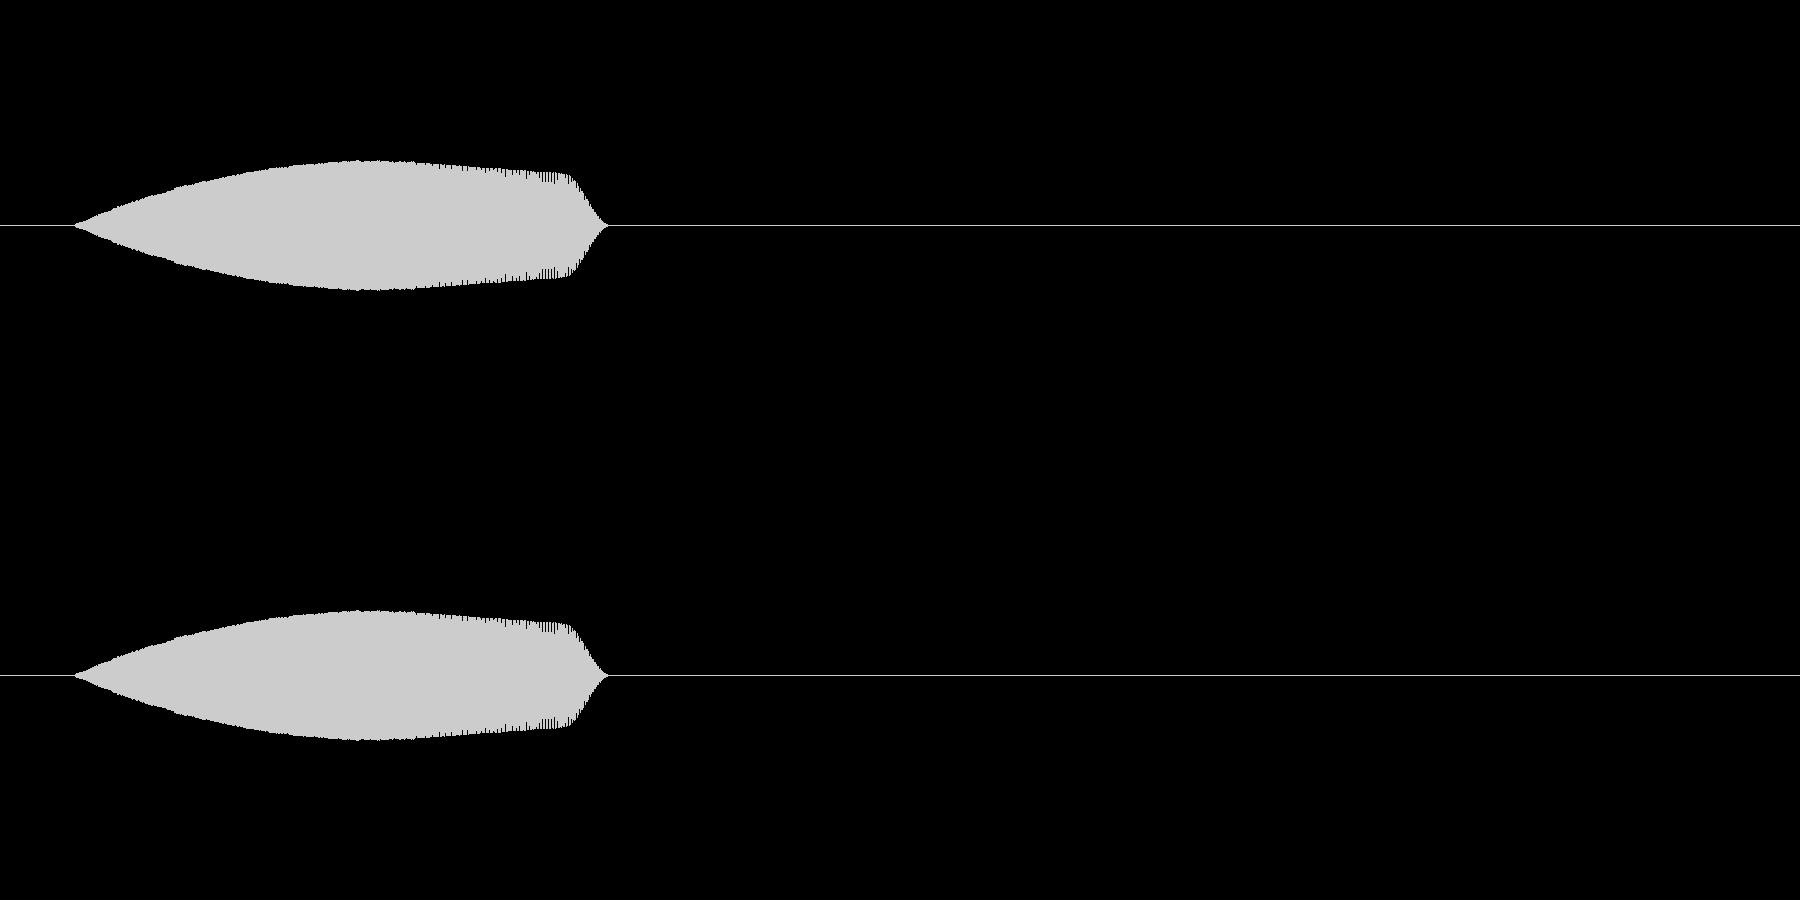 ぴよっ↓(回避音、キャンセル音)の未再生の波形